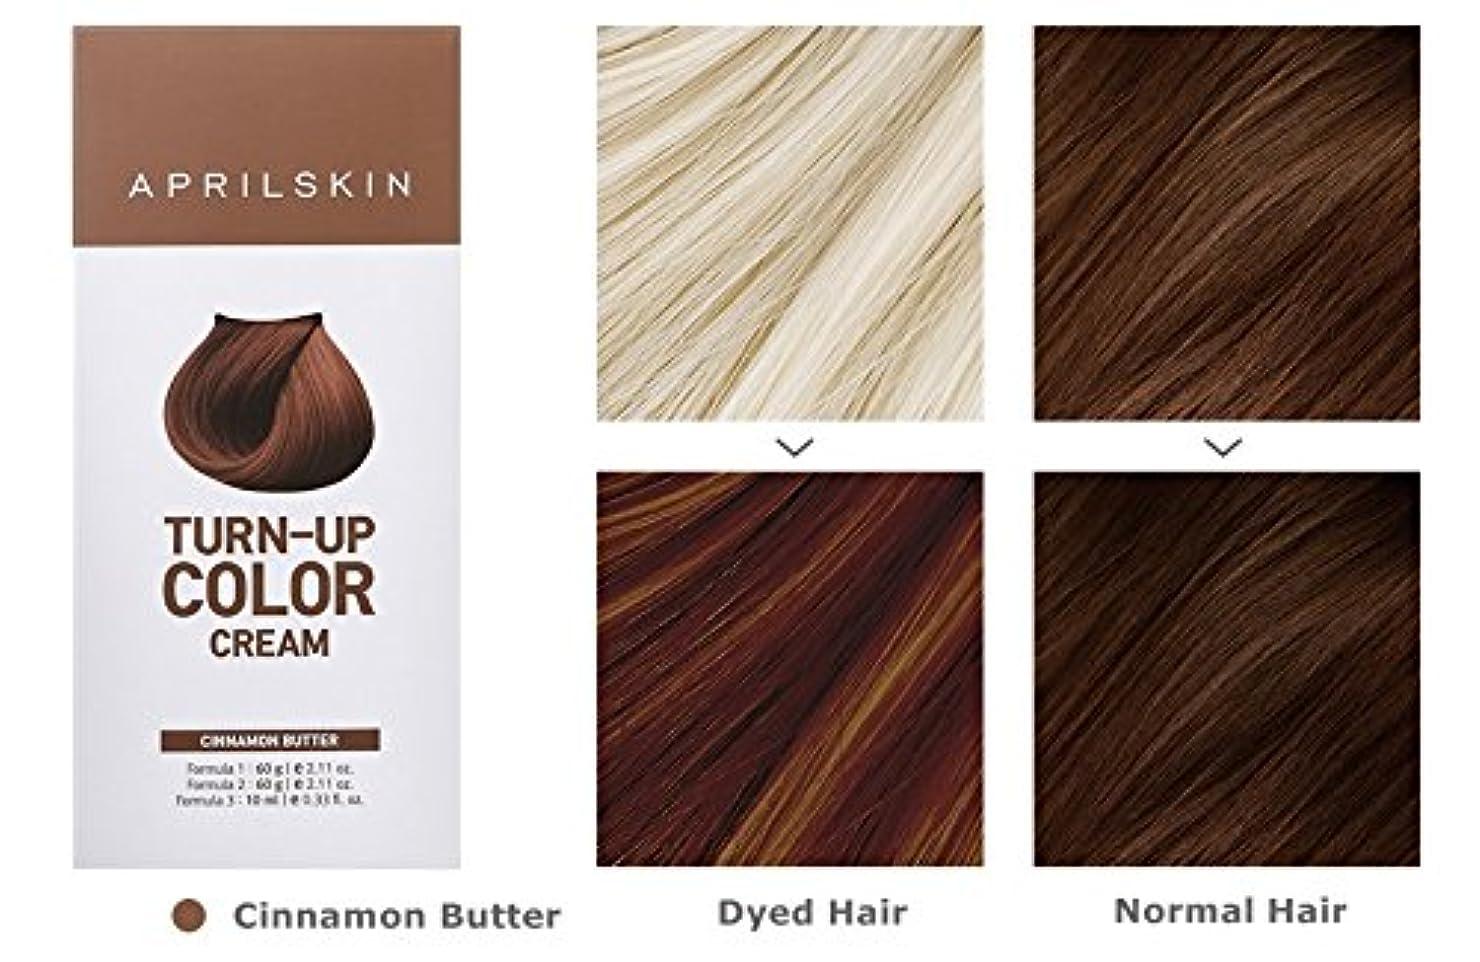 かわいらしい処方脚本April Skin Turn Up Color Cream Long lasting Texture Type Hair Dye エイプリルスキン ターンアップカラークリーム長持ちテクスチャタイプヘアダイ (紅)